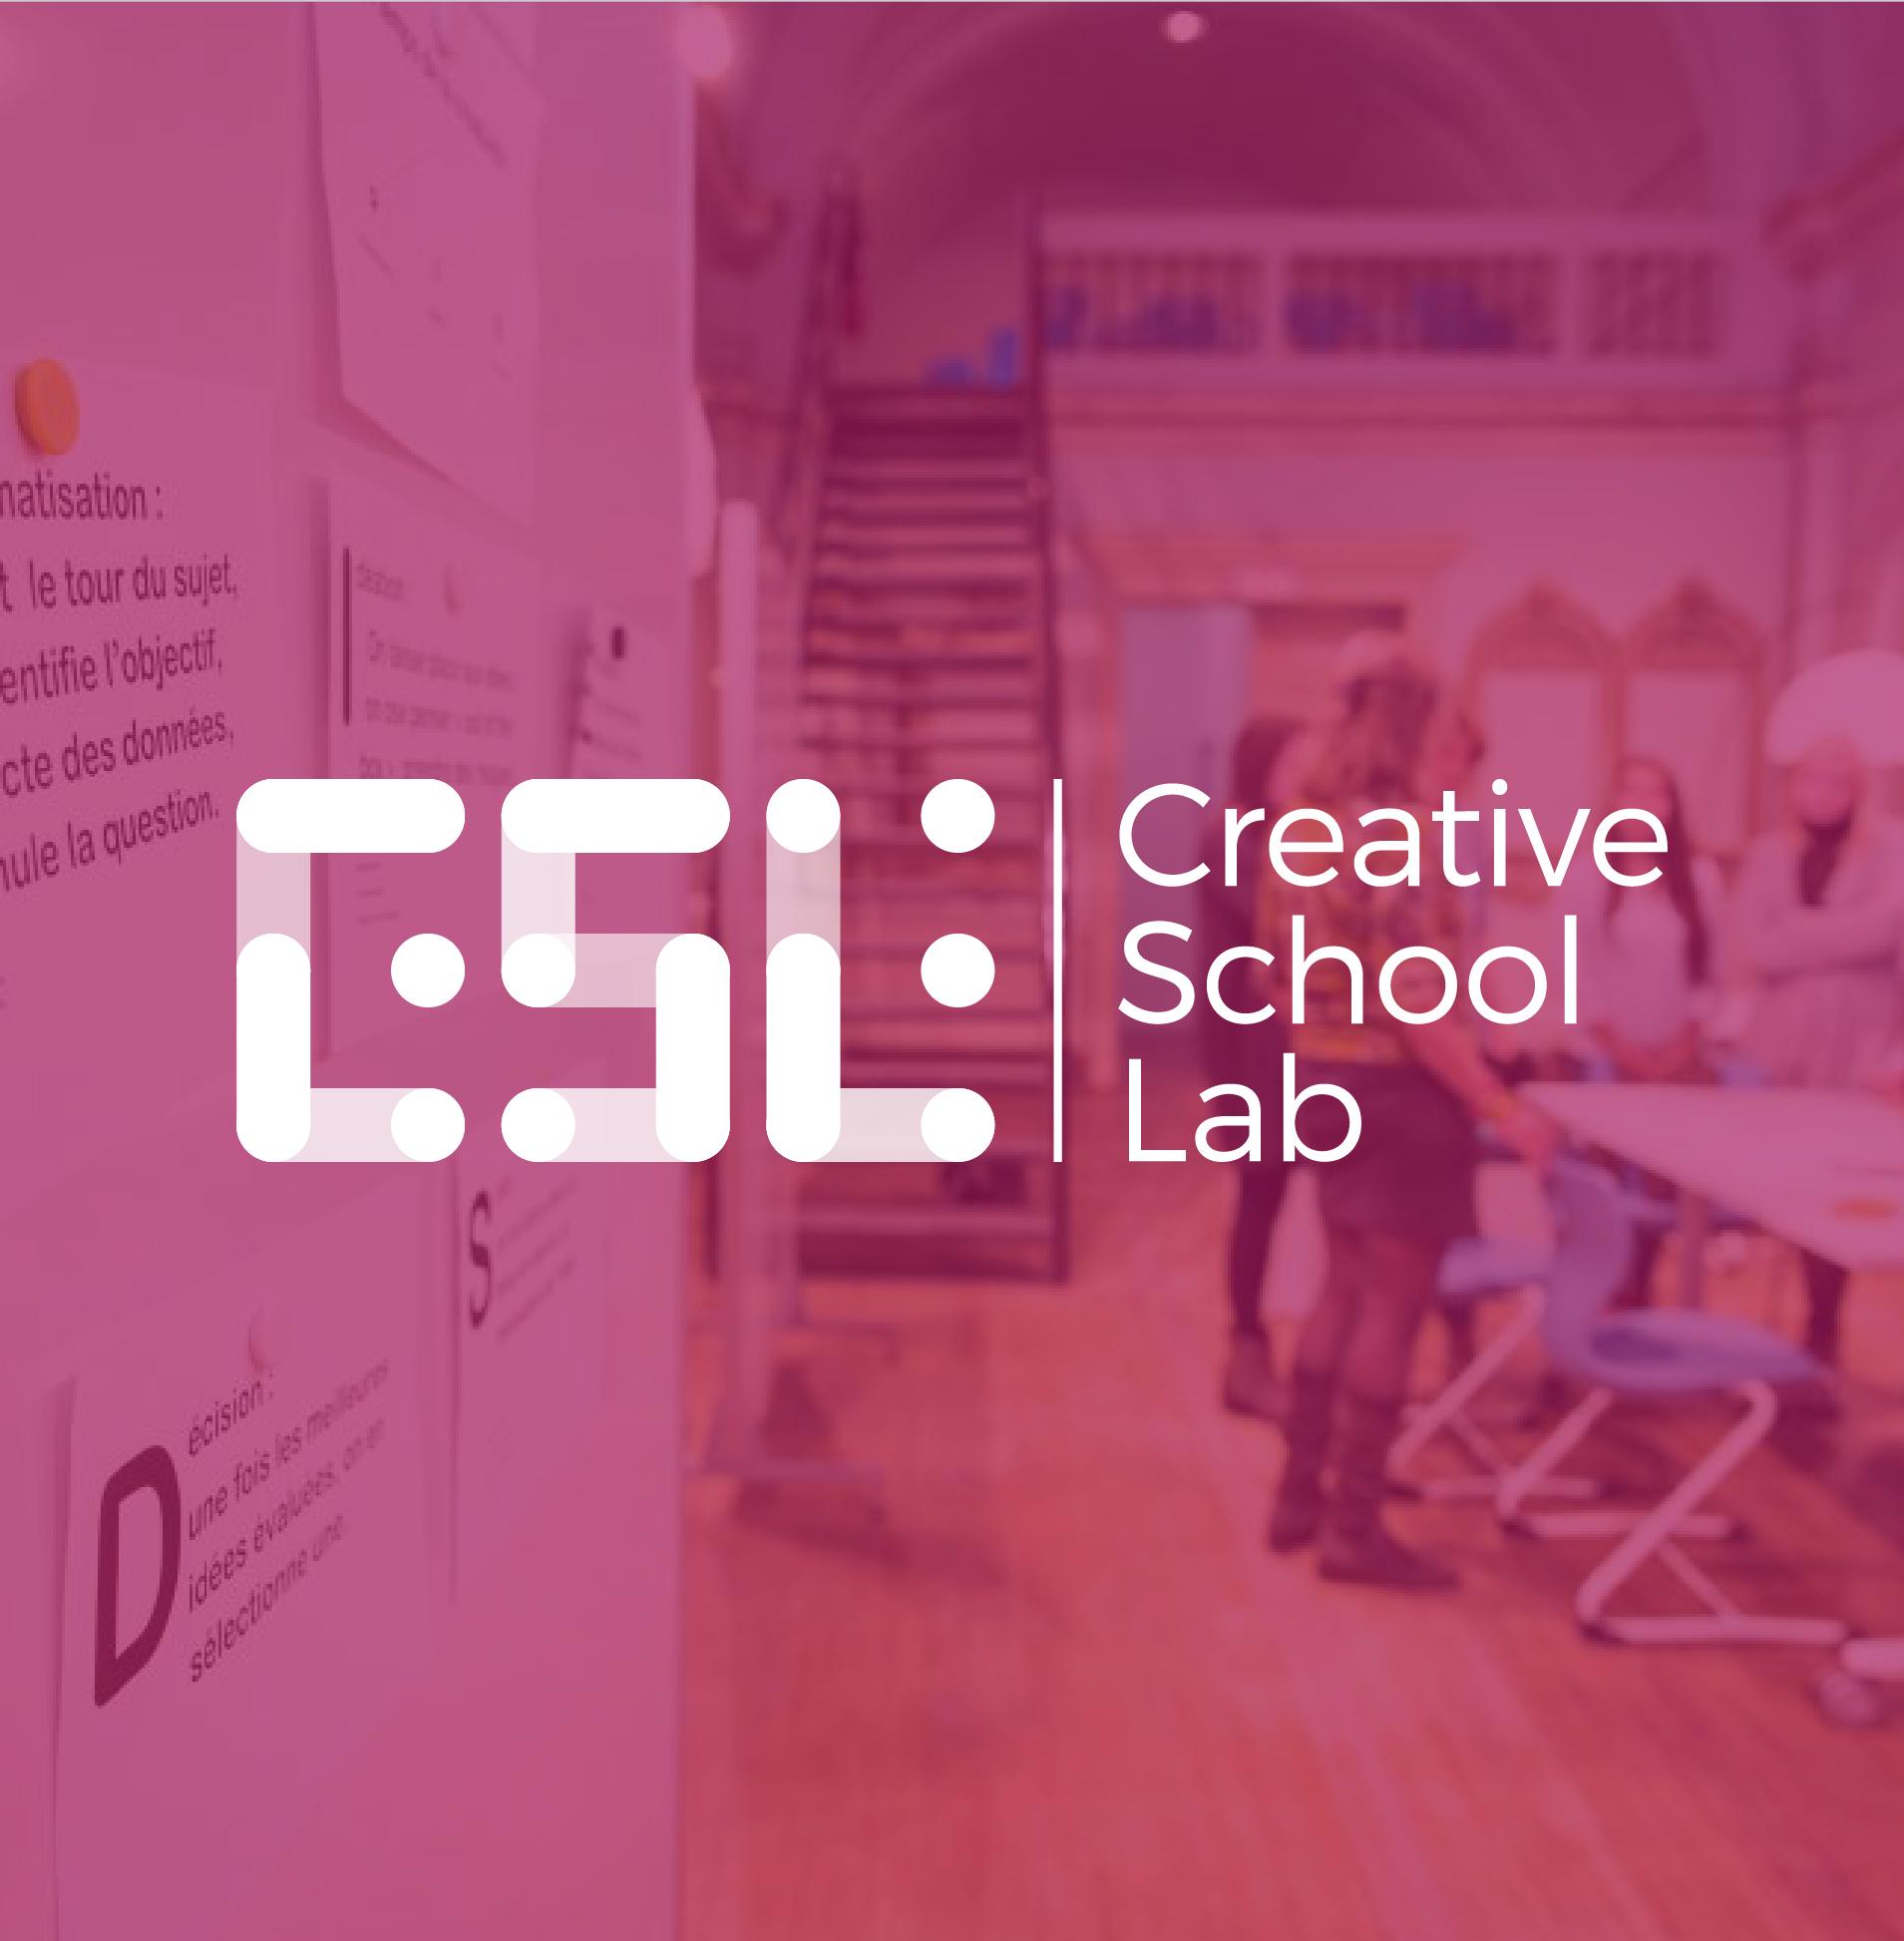 Creative School Lab   Laboratoires de créativité dans les hautes écoles pédagogiques.